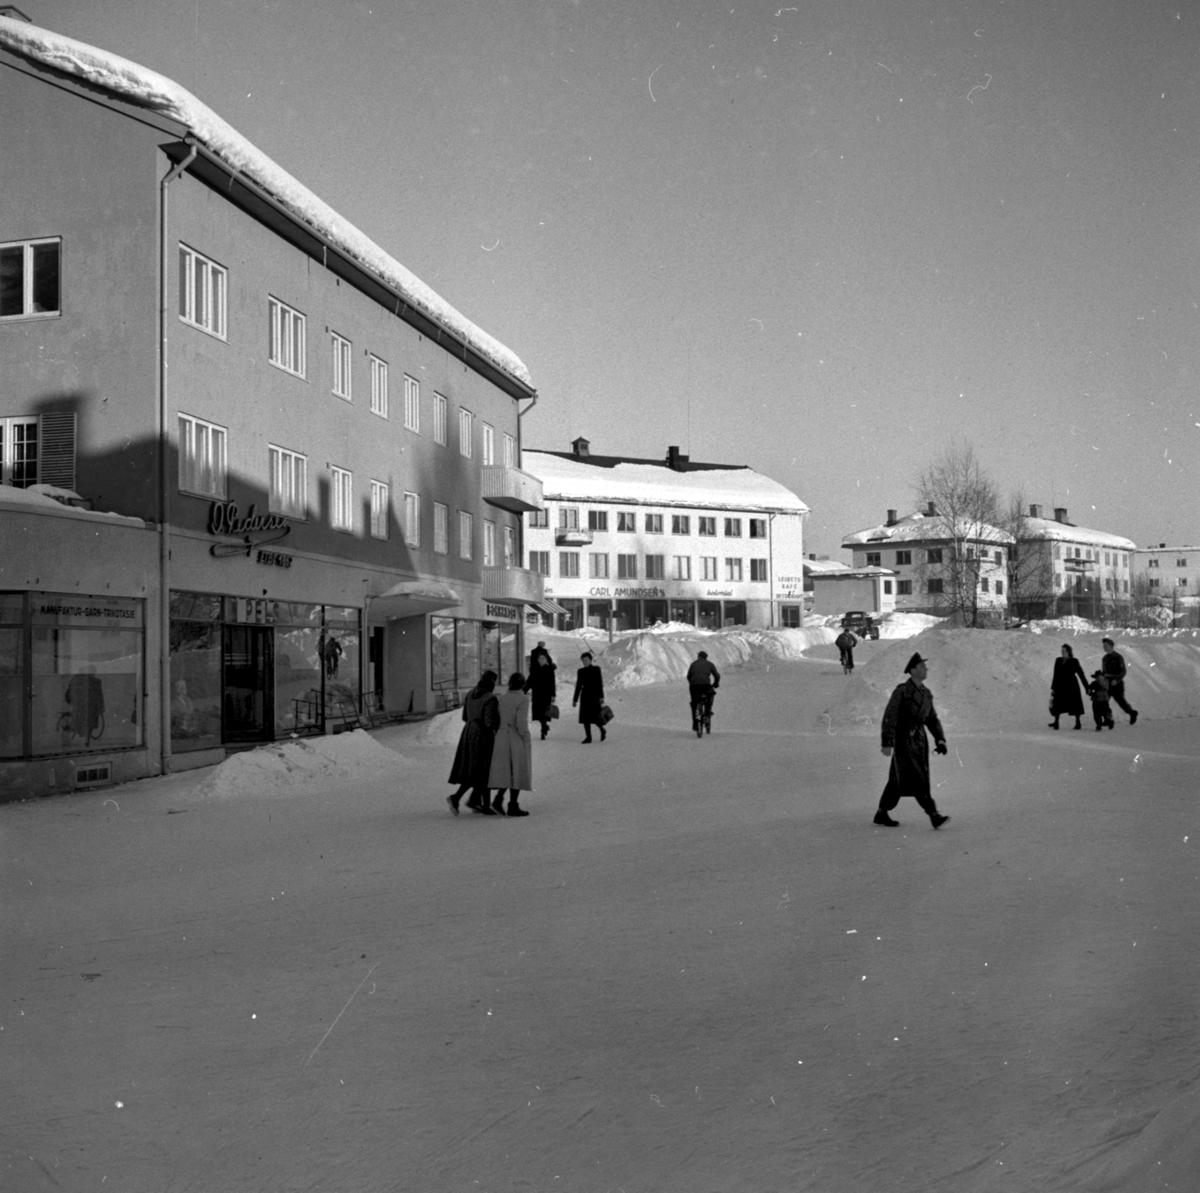 St. Olavs gate